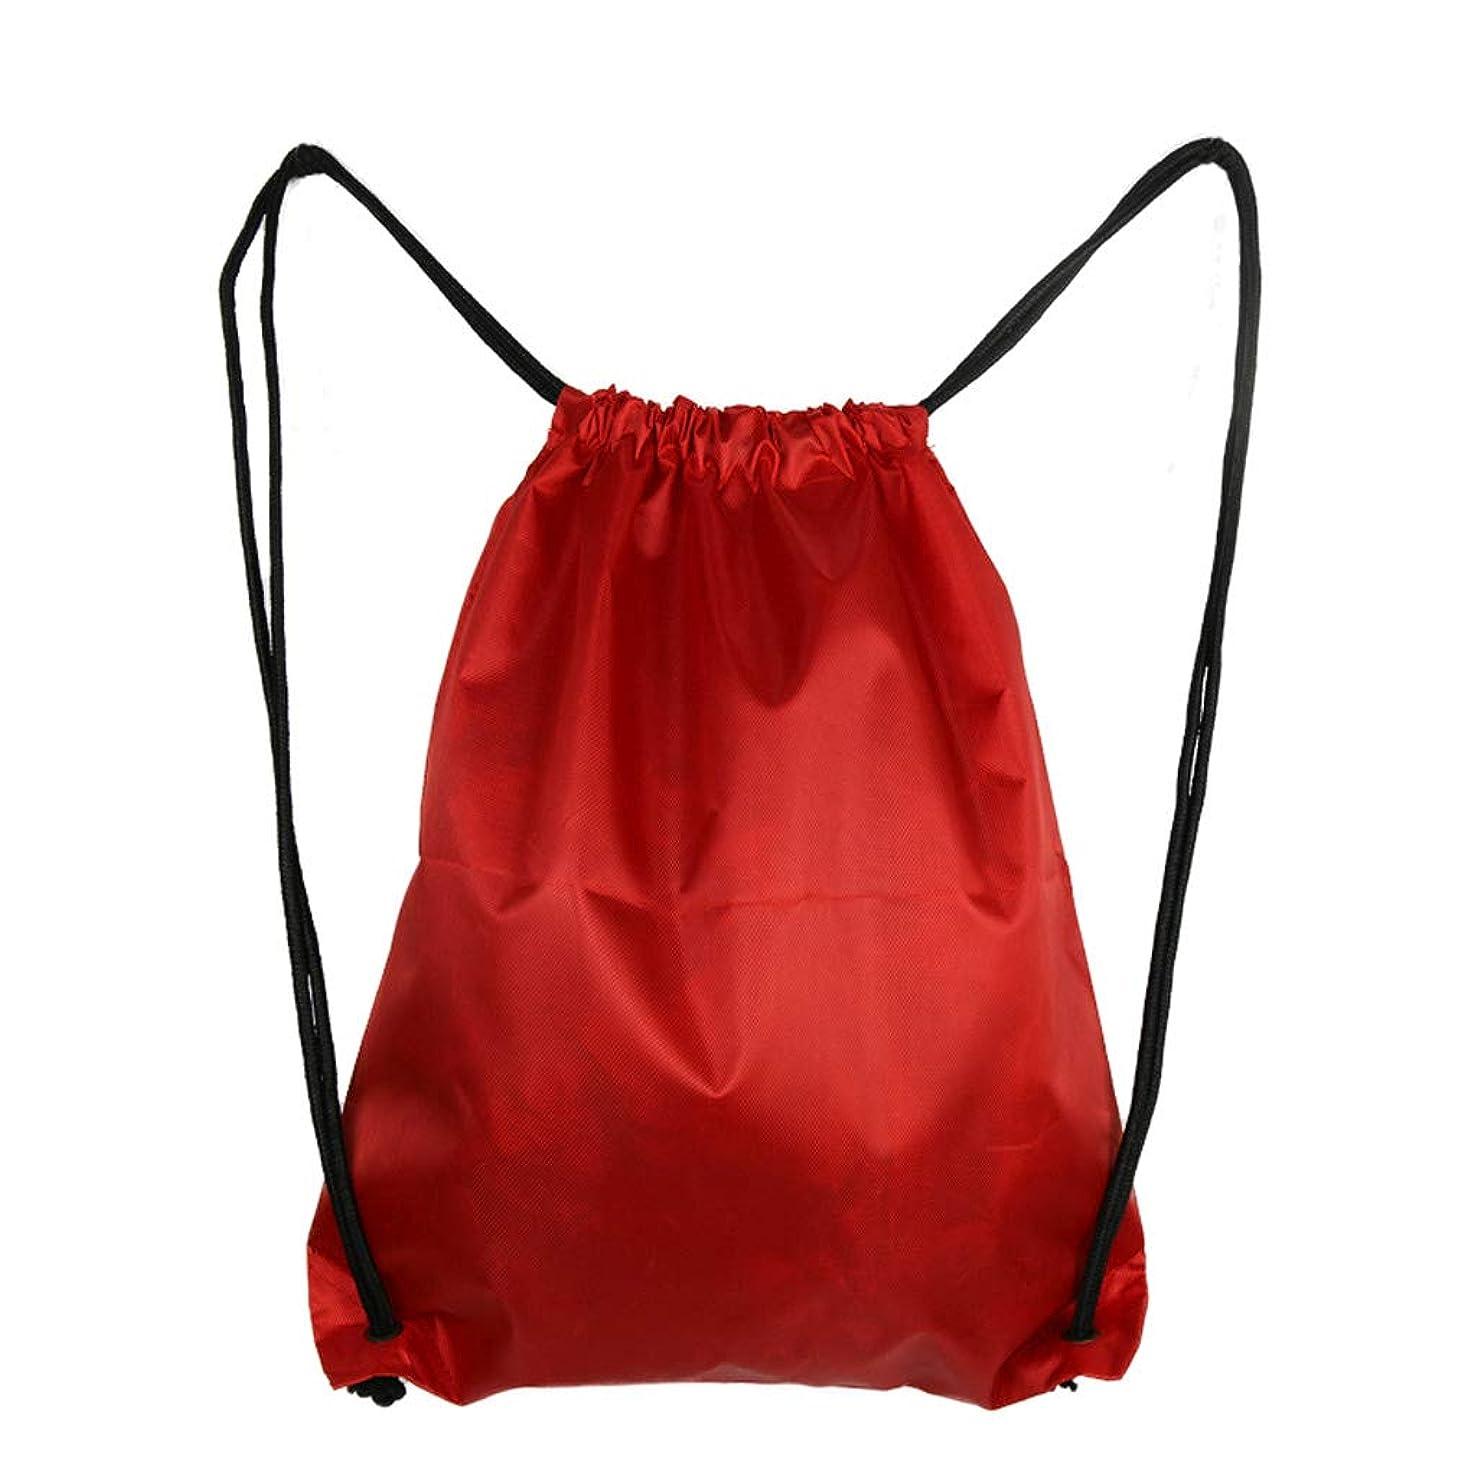 食用取り替える構築するアウトドアドローストリングバックパック防水バッグナイロン折りたたみショルダートートサックバッグピクニックジムスポーツビーチホリデースクールホームトラベル - S (Color : Red)